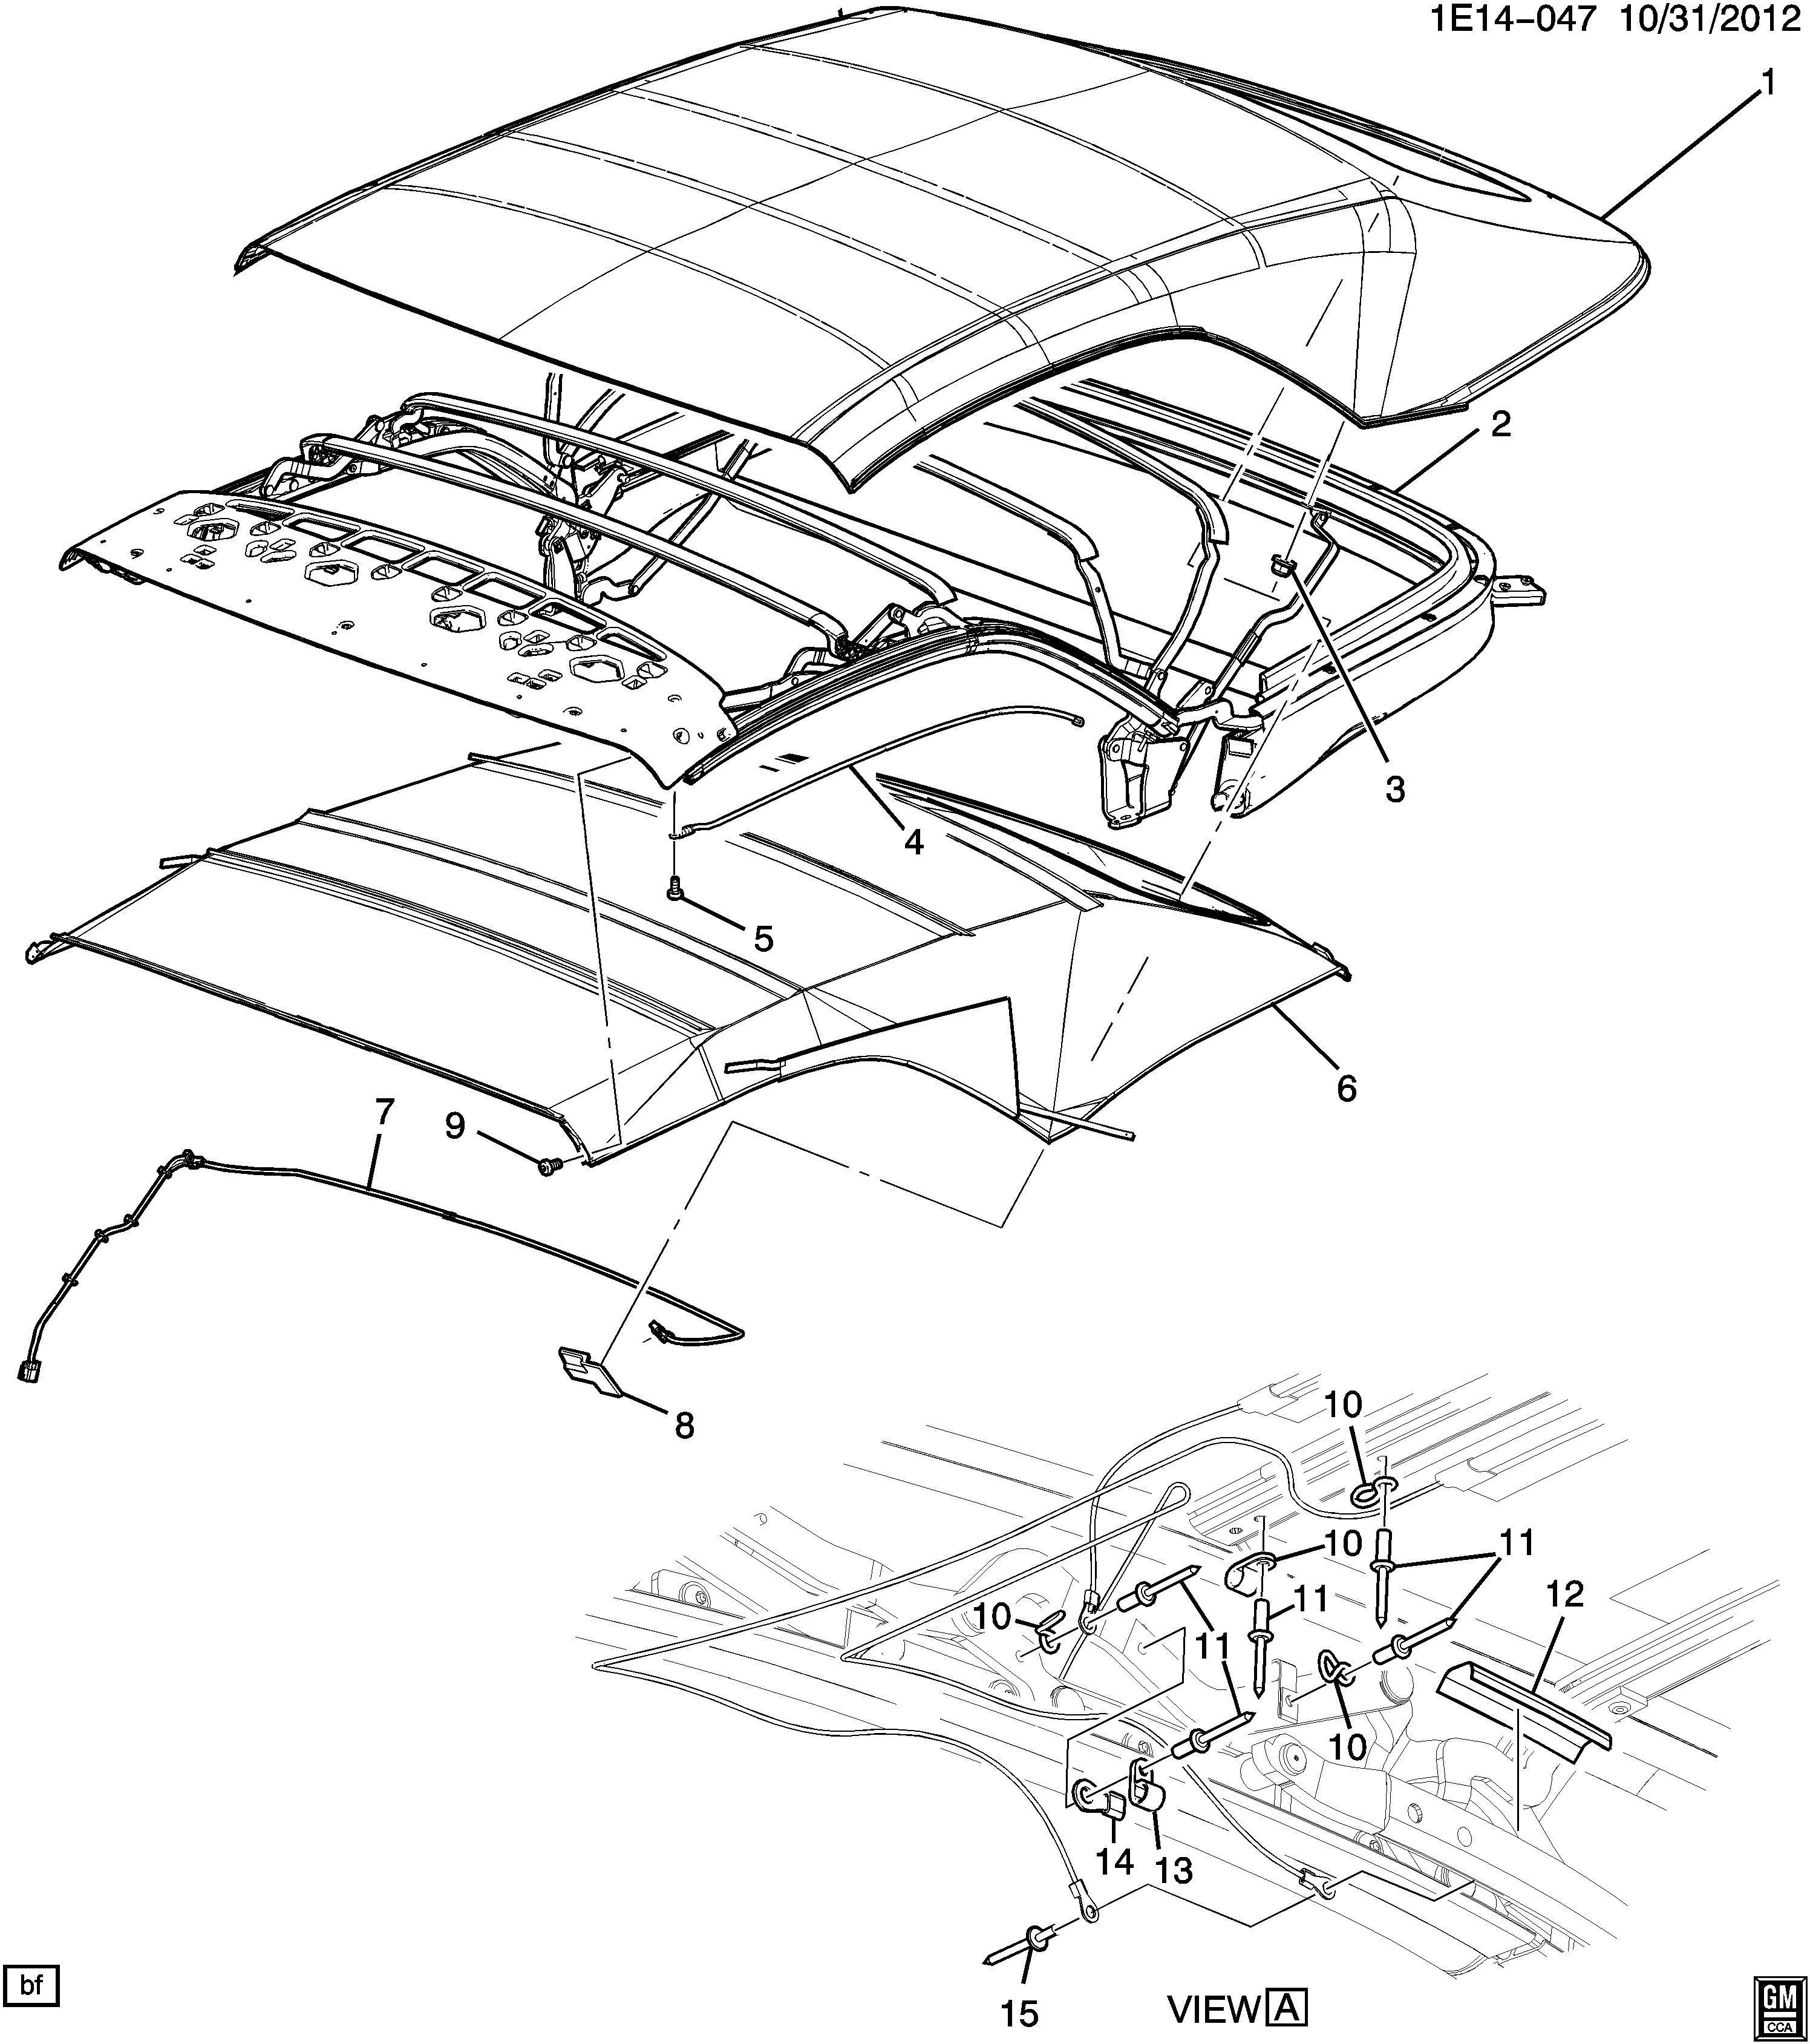 Camaro Part Diagram